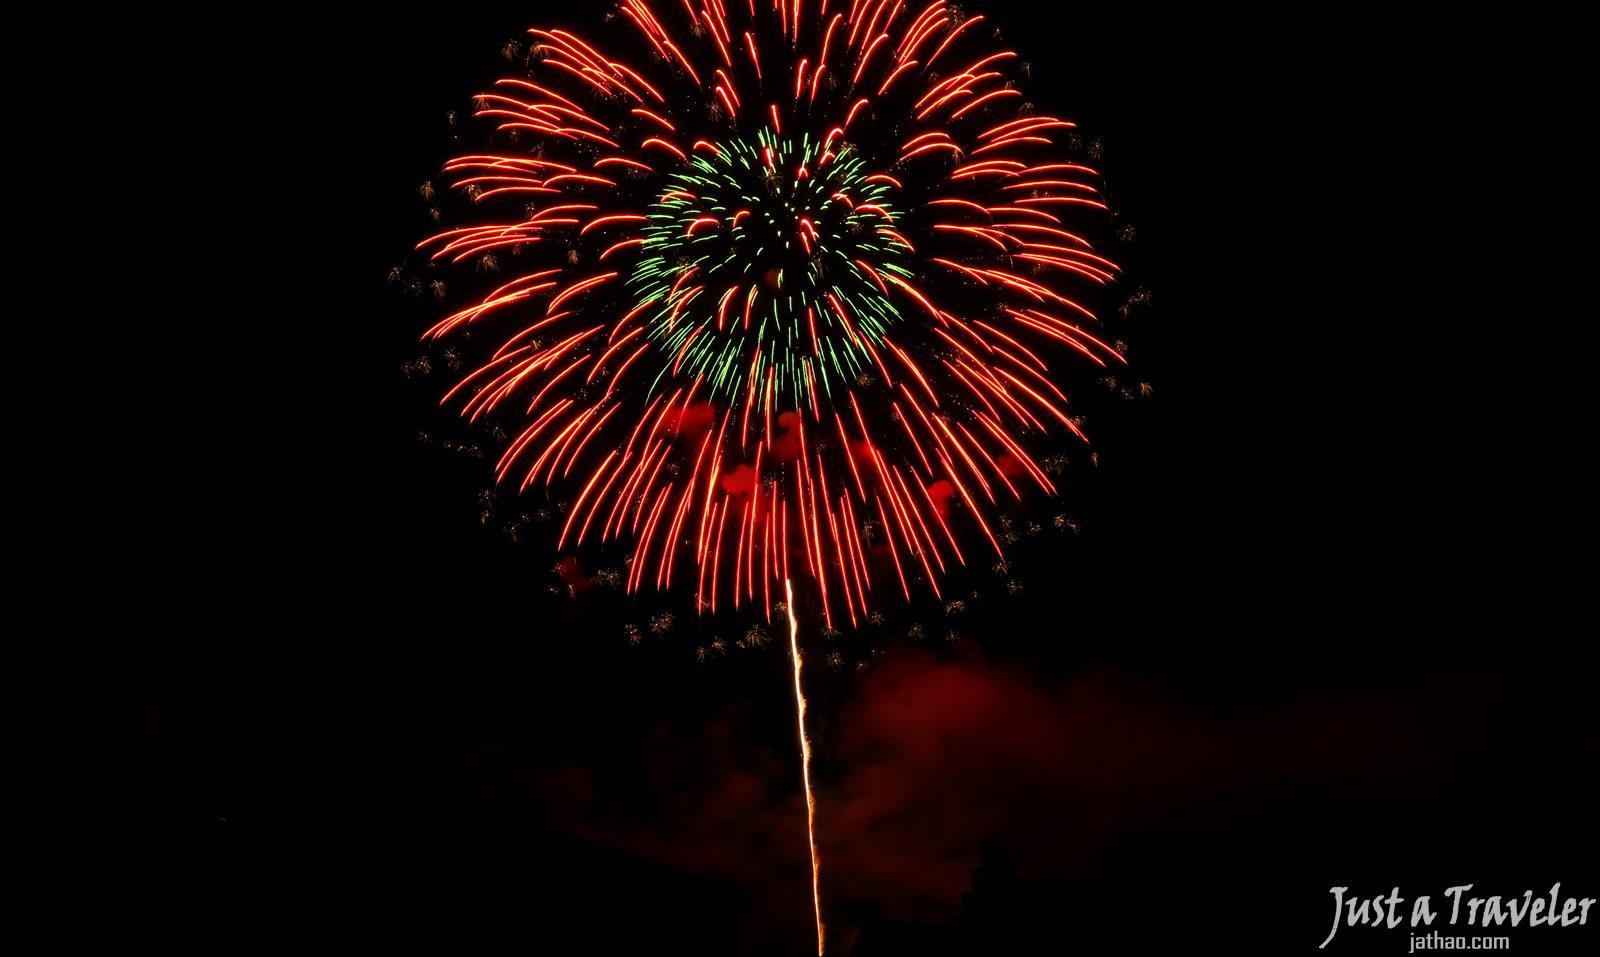 九州-長崎-景點-推薦-豪斯登堡-豪斯登堡煙火-fireworks-豪斯登堡行程-豪斯登堡攻略-豪斯登堡一日遊-旅遊-自由行-Kyushu-Huis Ten Bosch-Travel-Japan